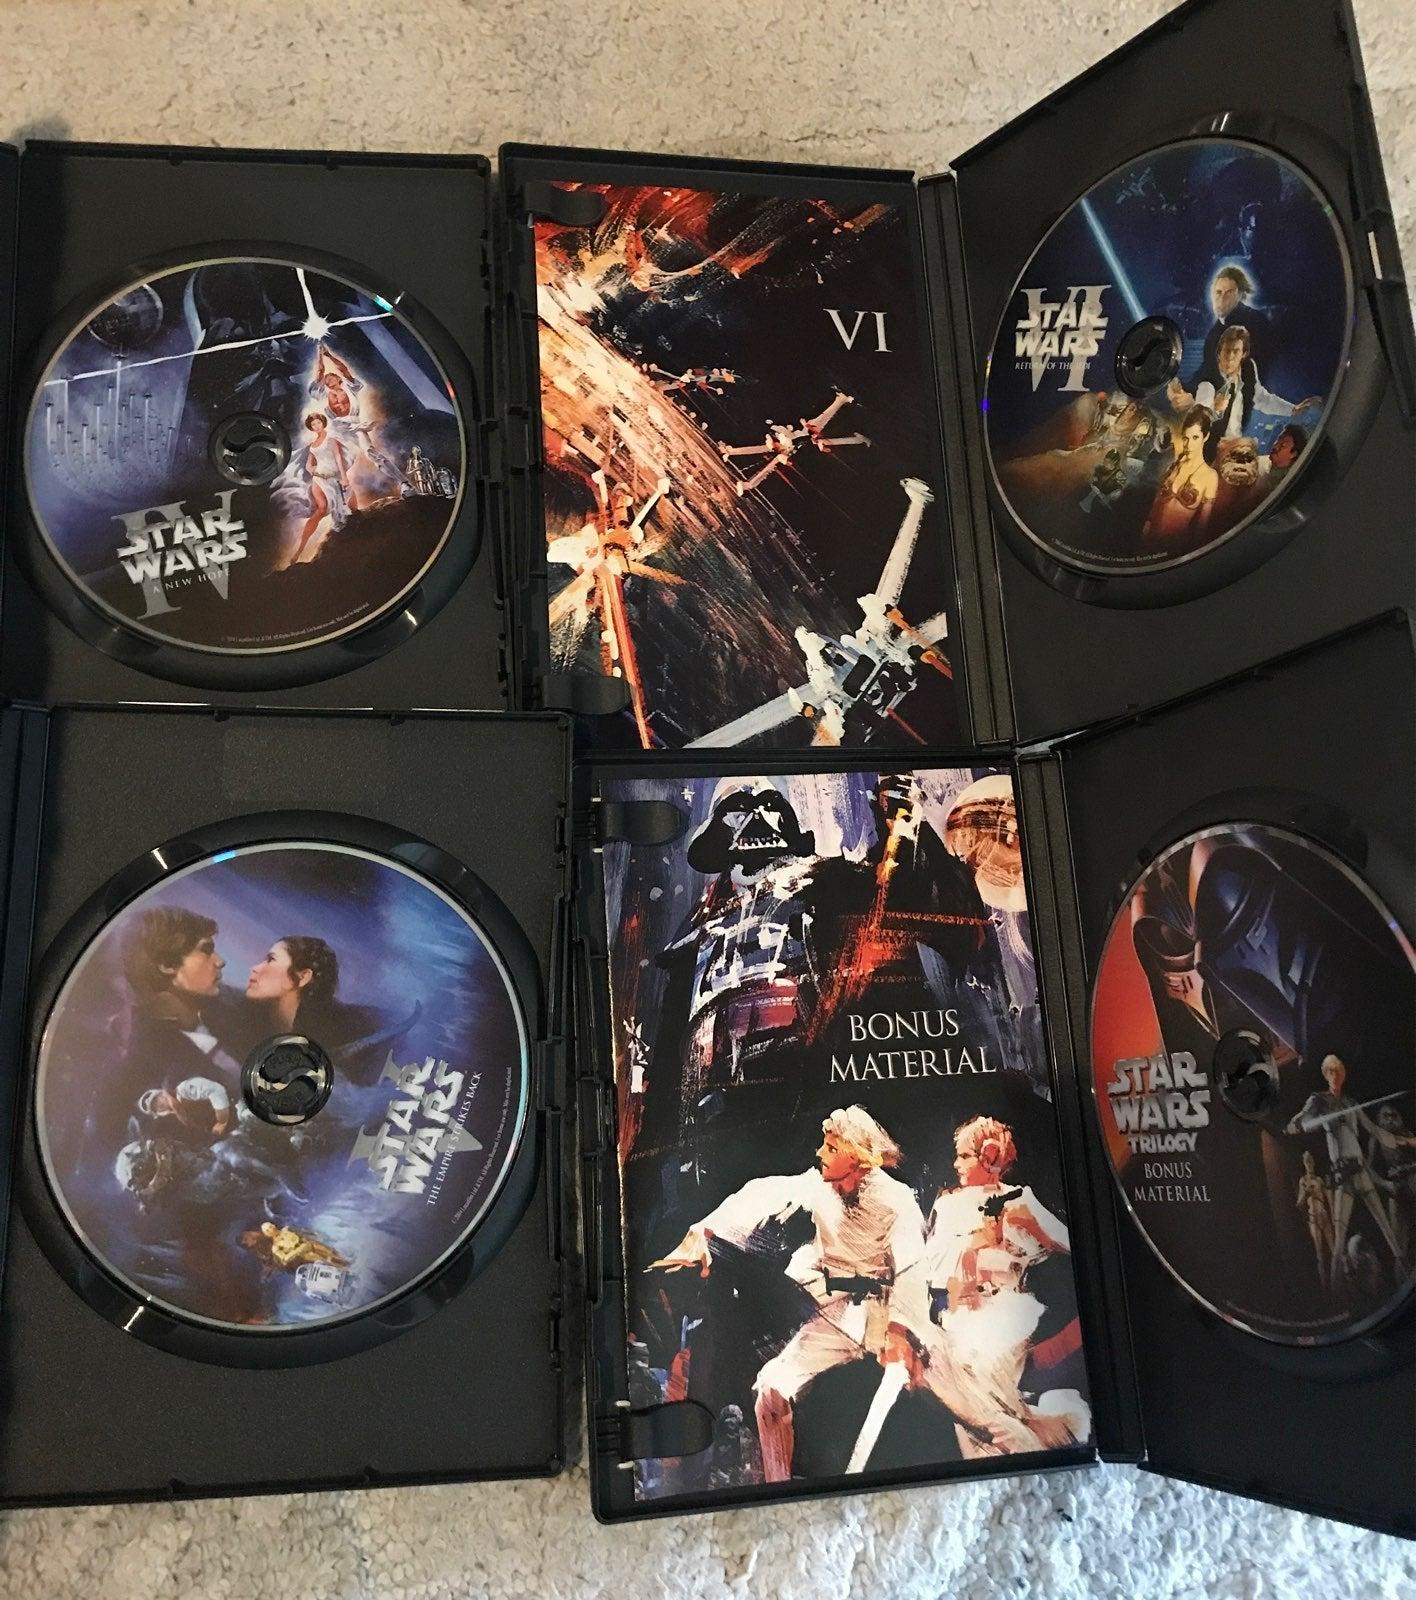 StarWars DVD Trilogy: IV, V, VI